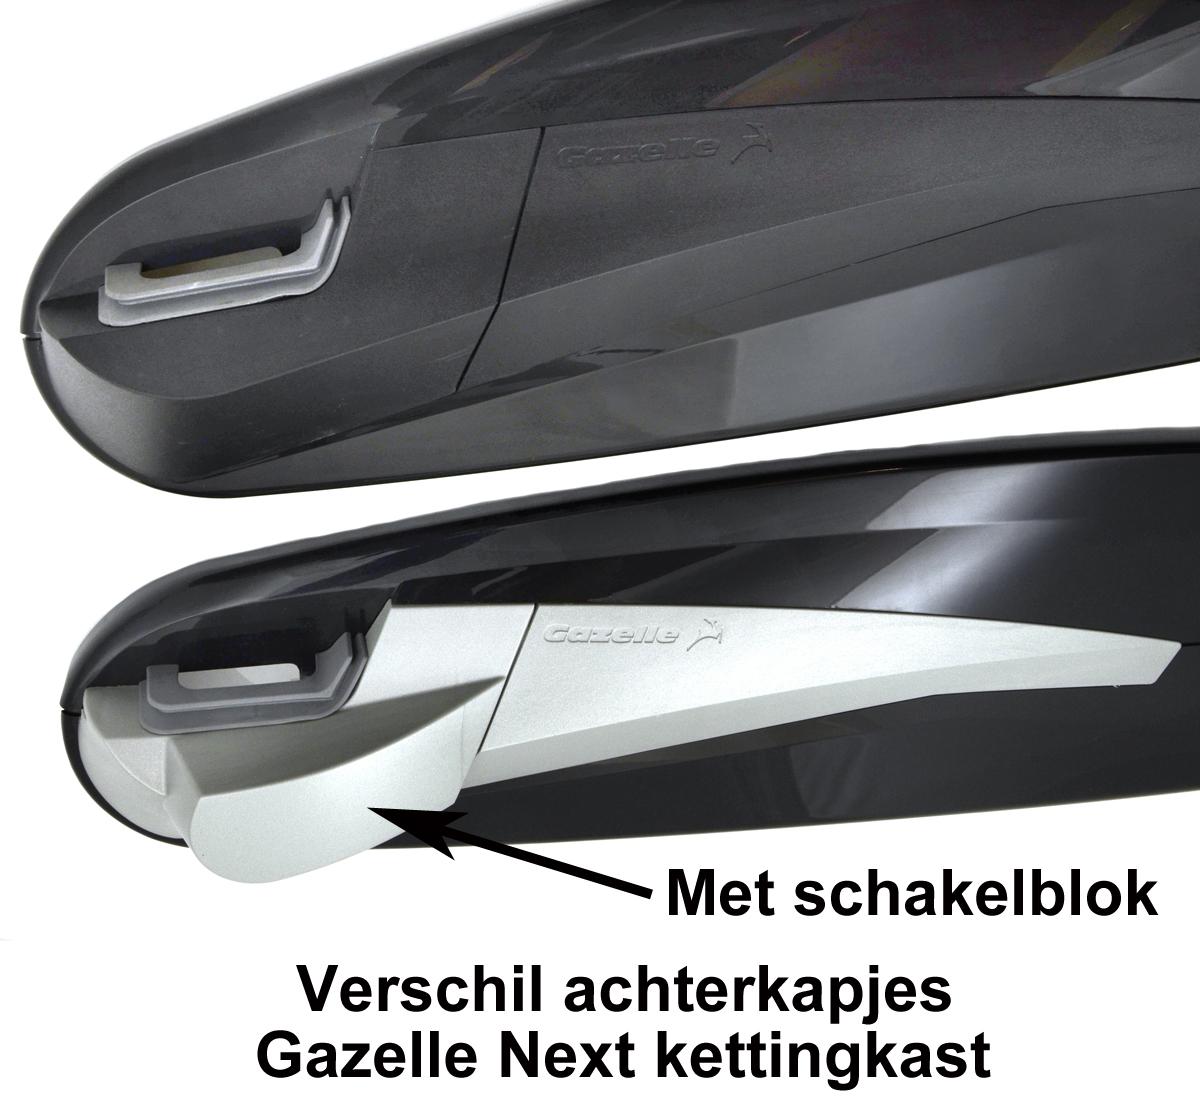 Gazelle Next Kettingkast verschil achterkapje voor schakelblok